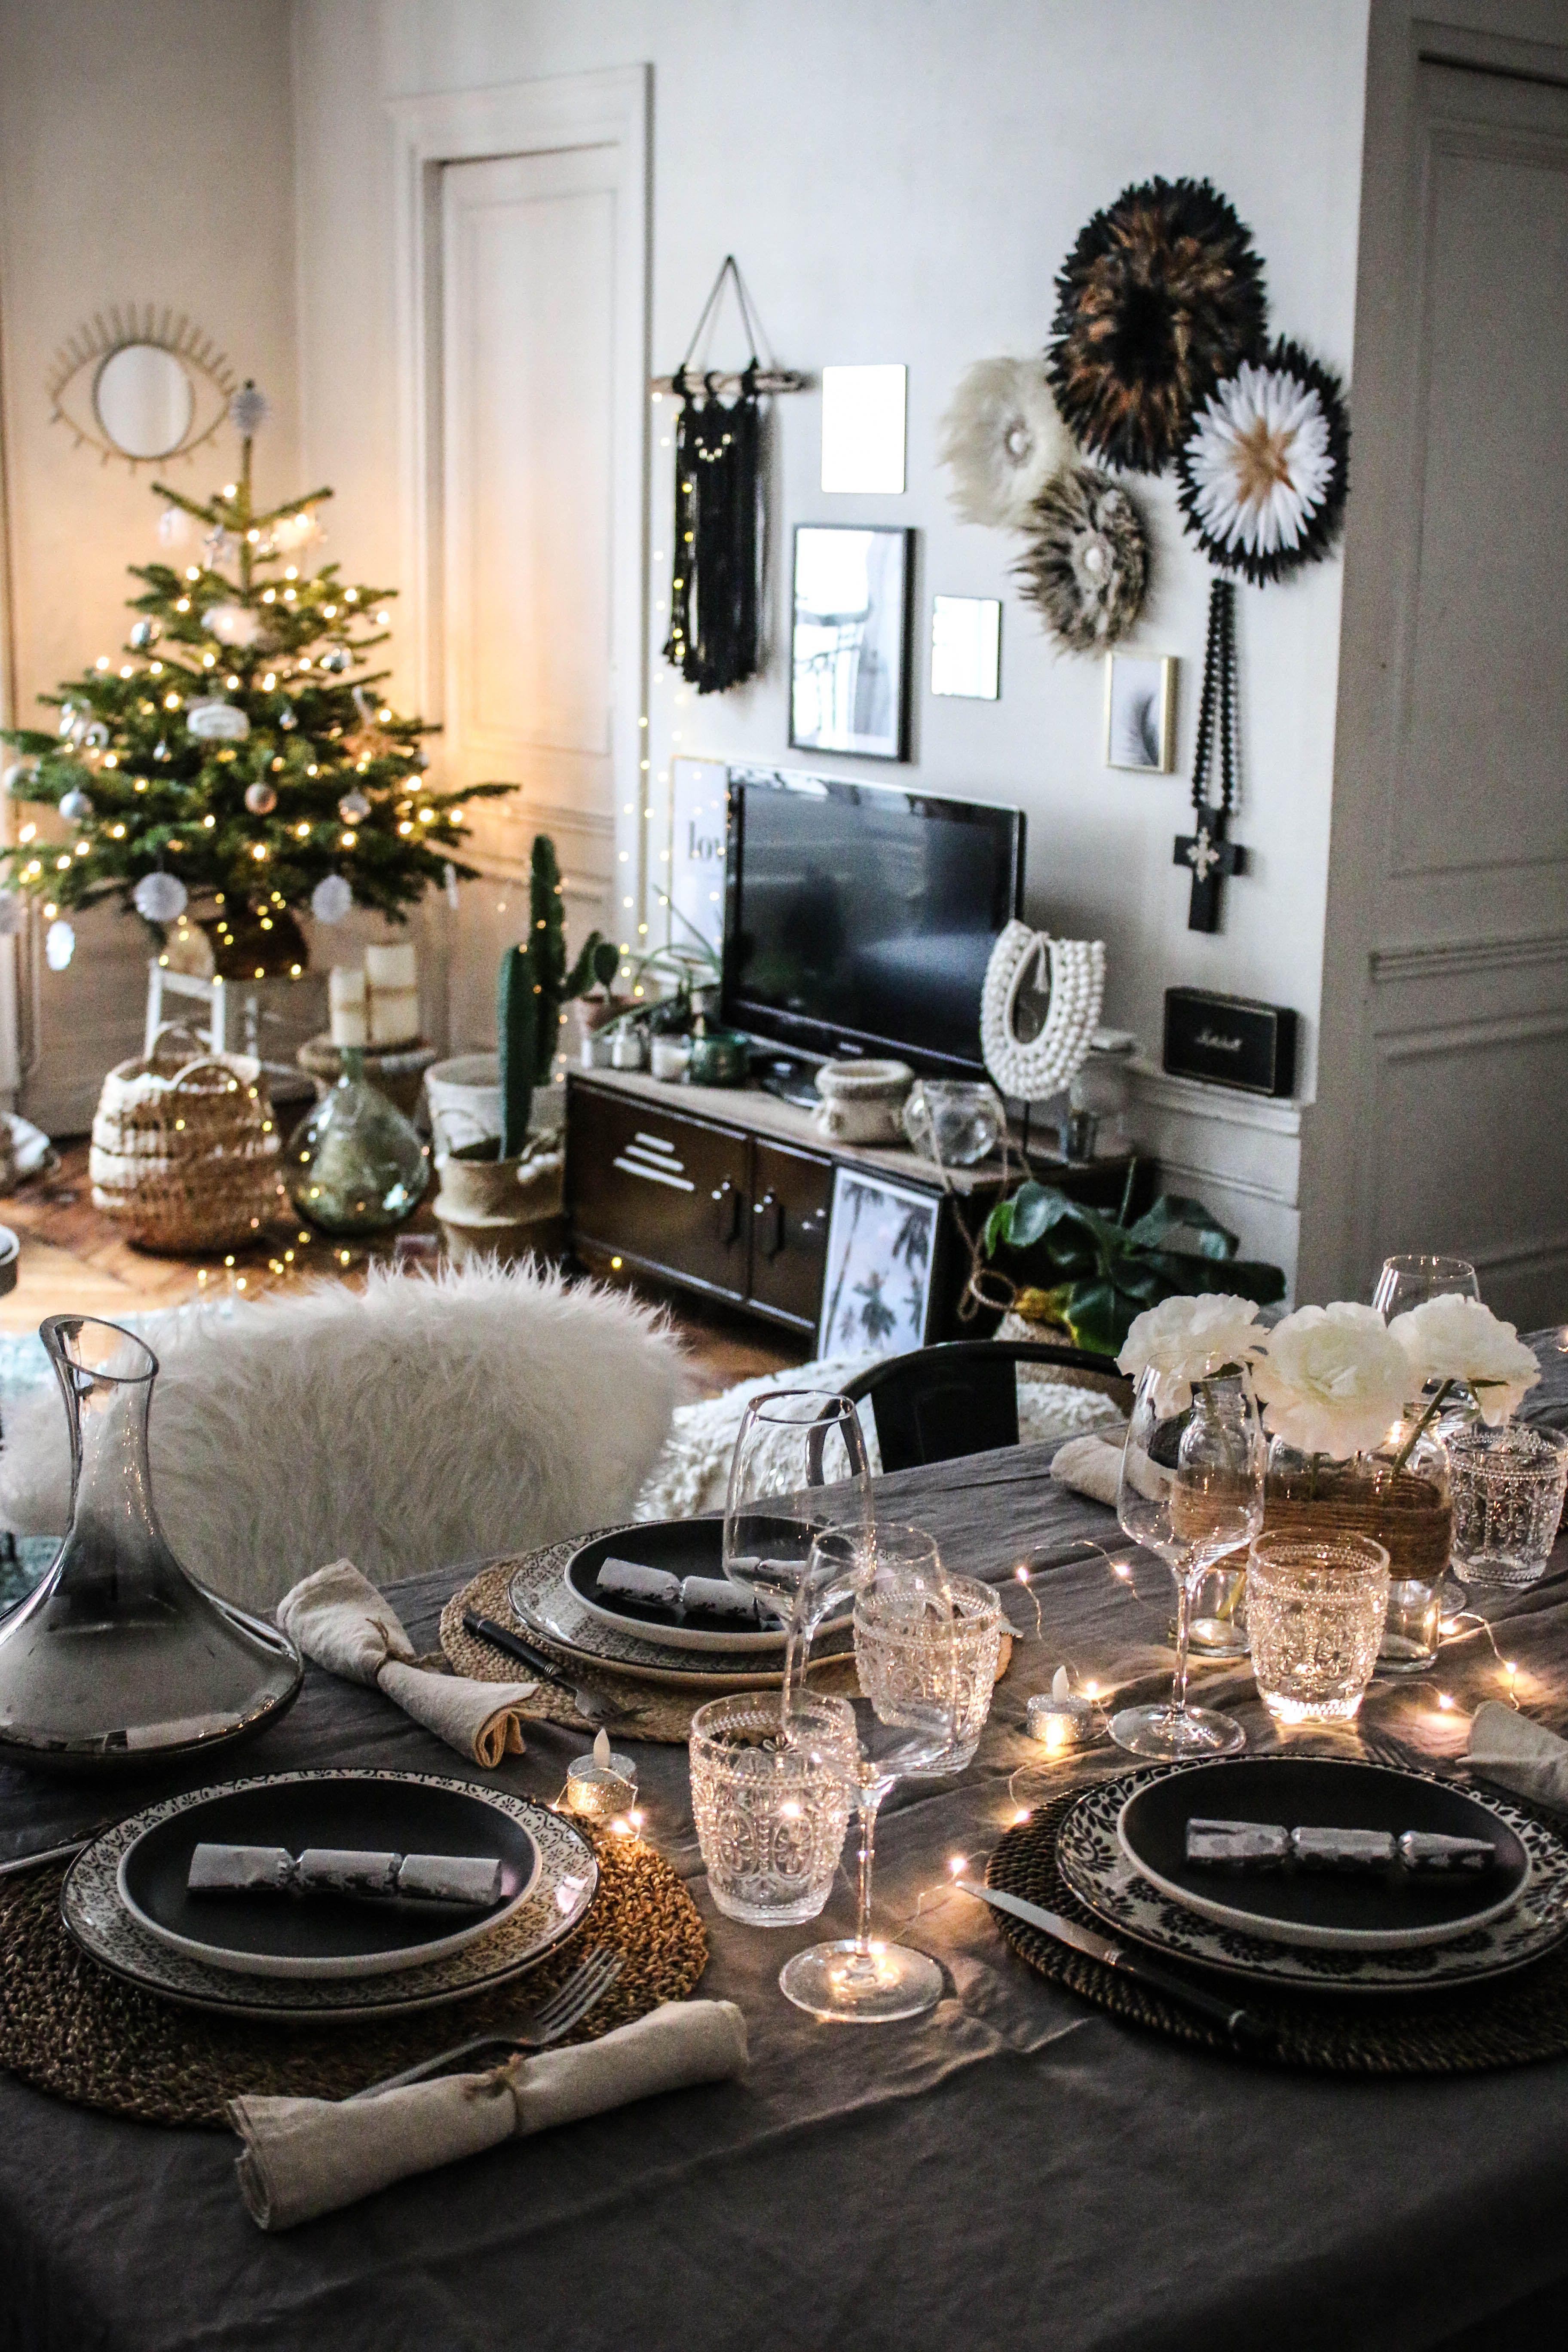 Inspiration pour une table de Noël dans le style bohème